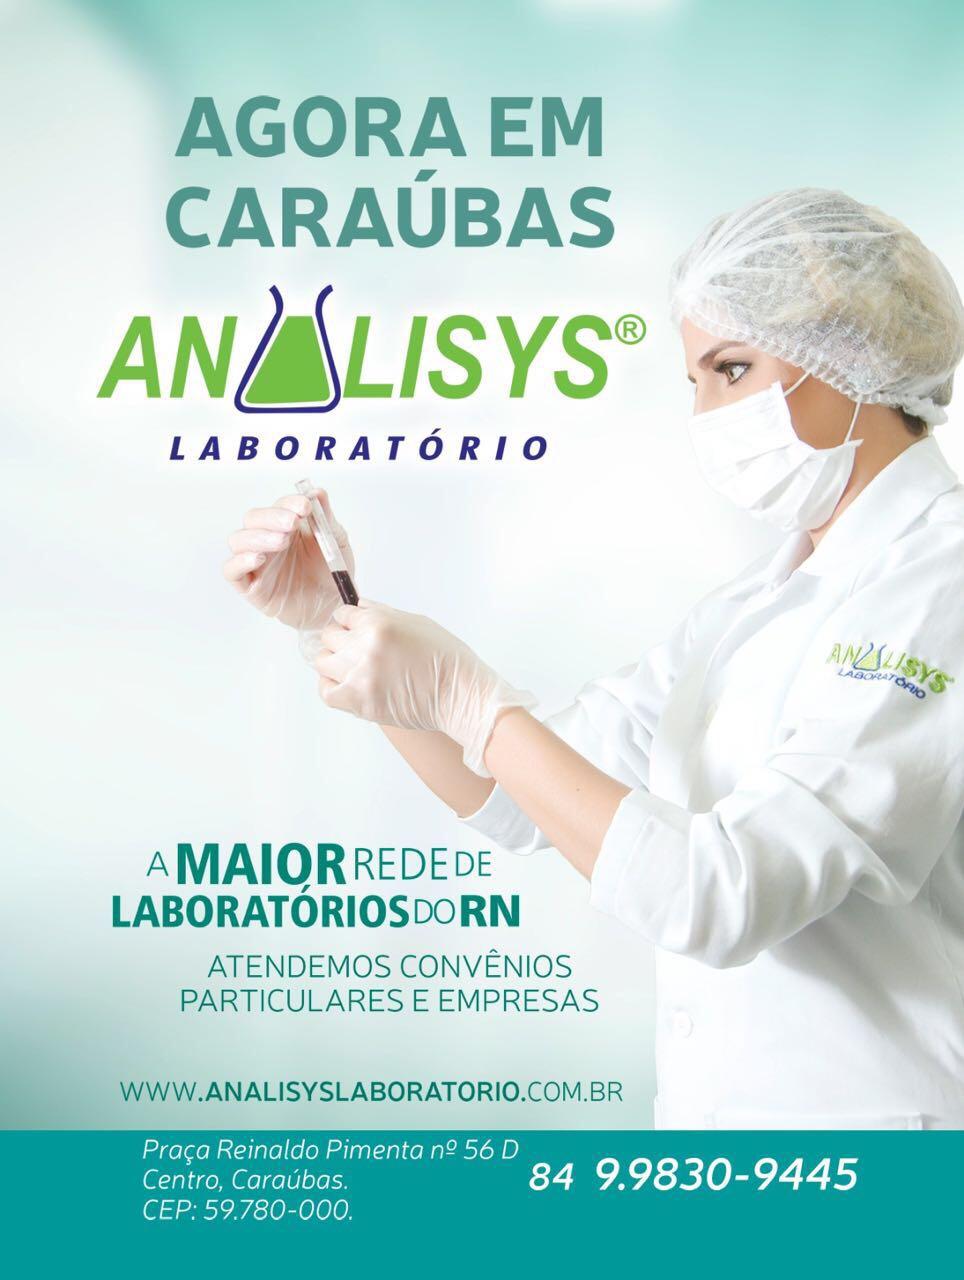 ANALISYS LABORATÓRIO